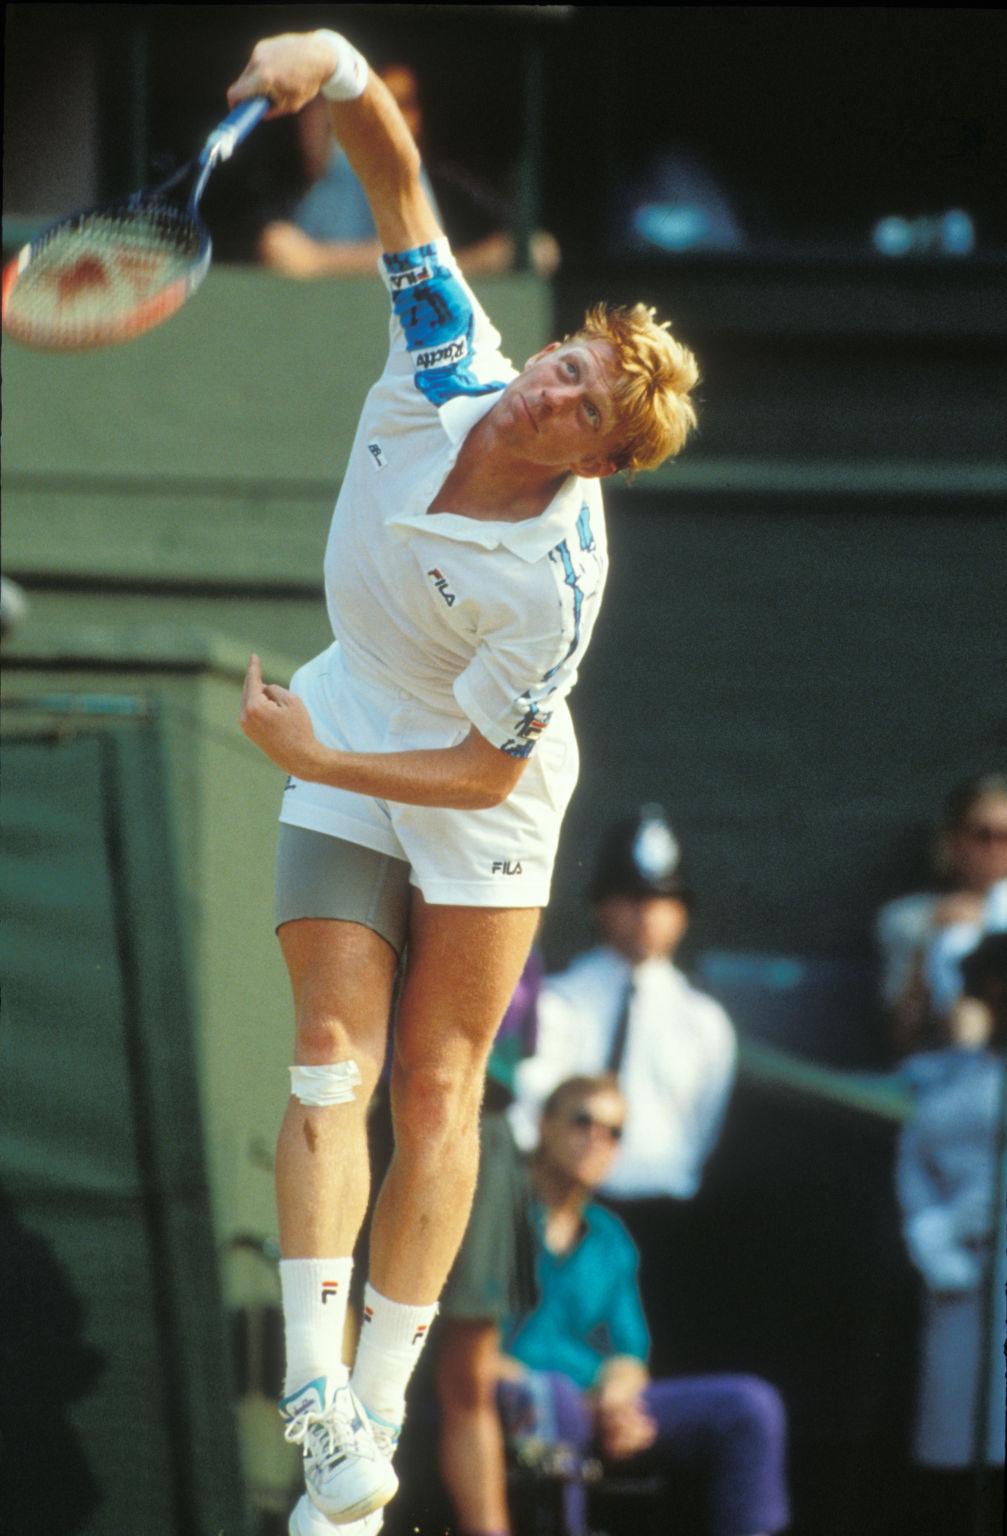 Schnellster Aufschlag Tennis Herren